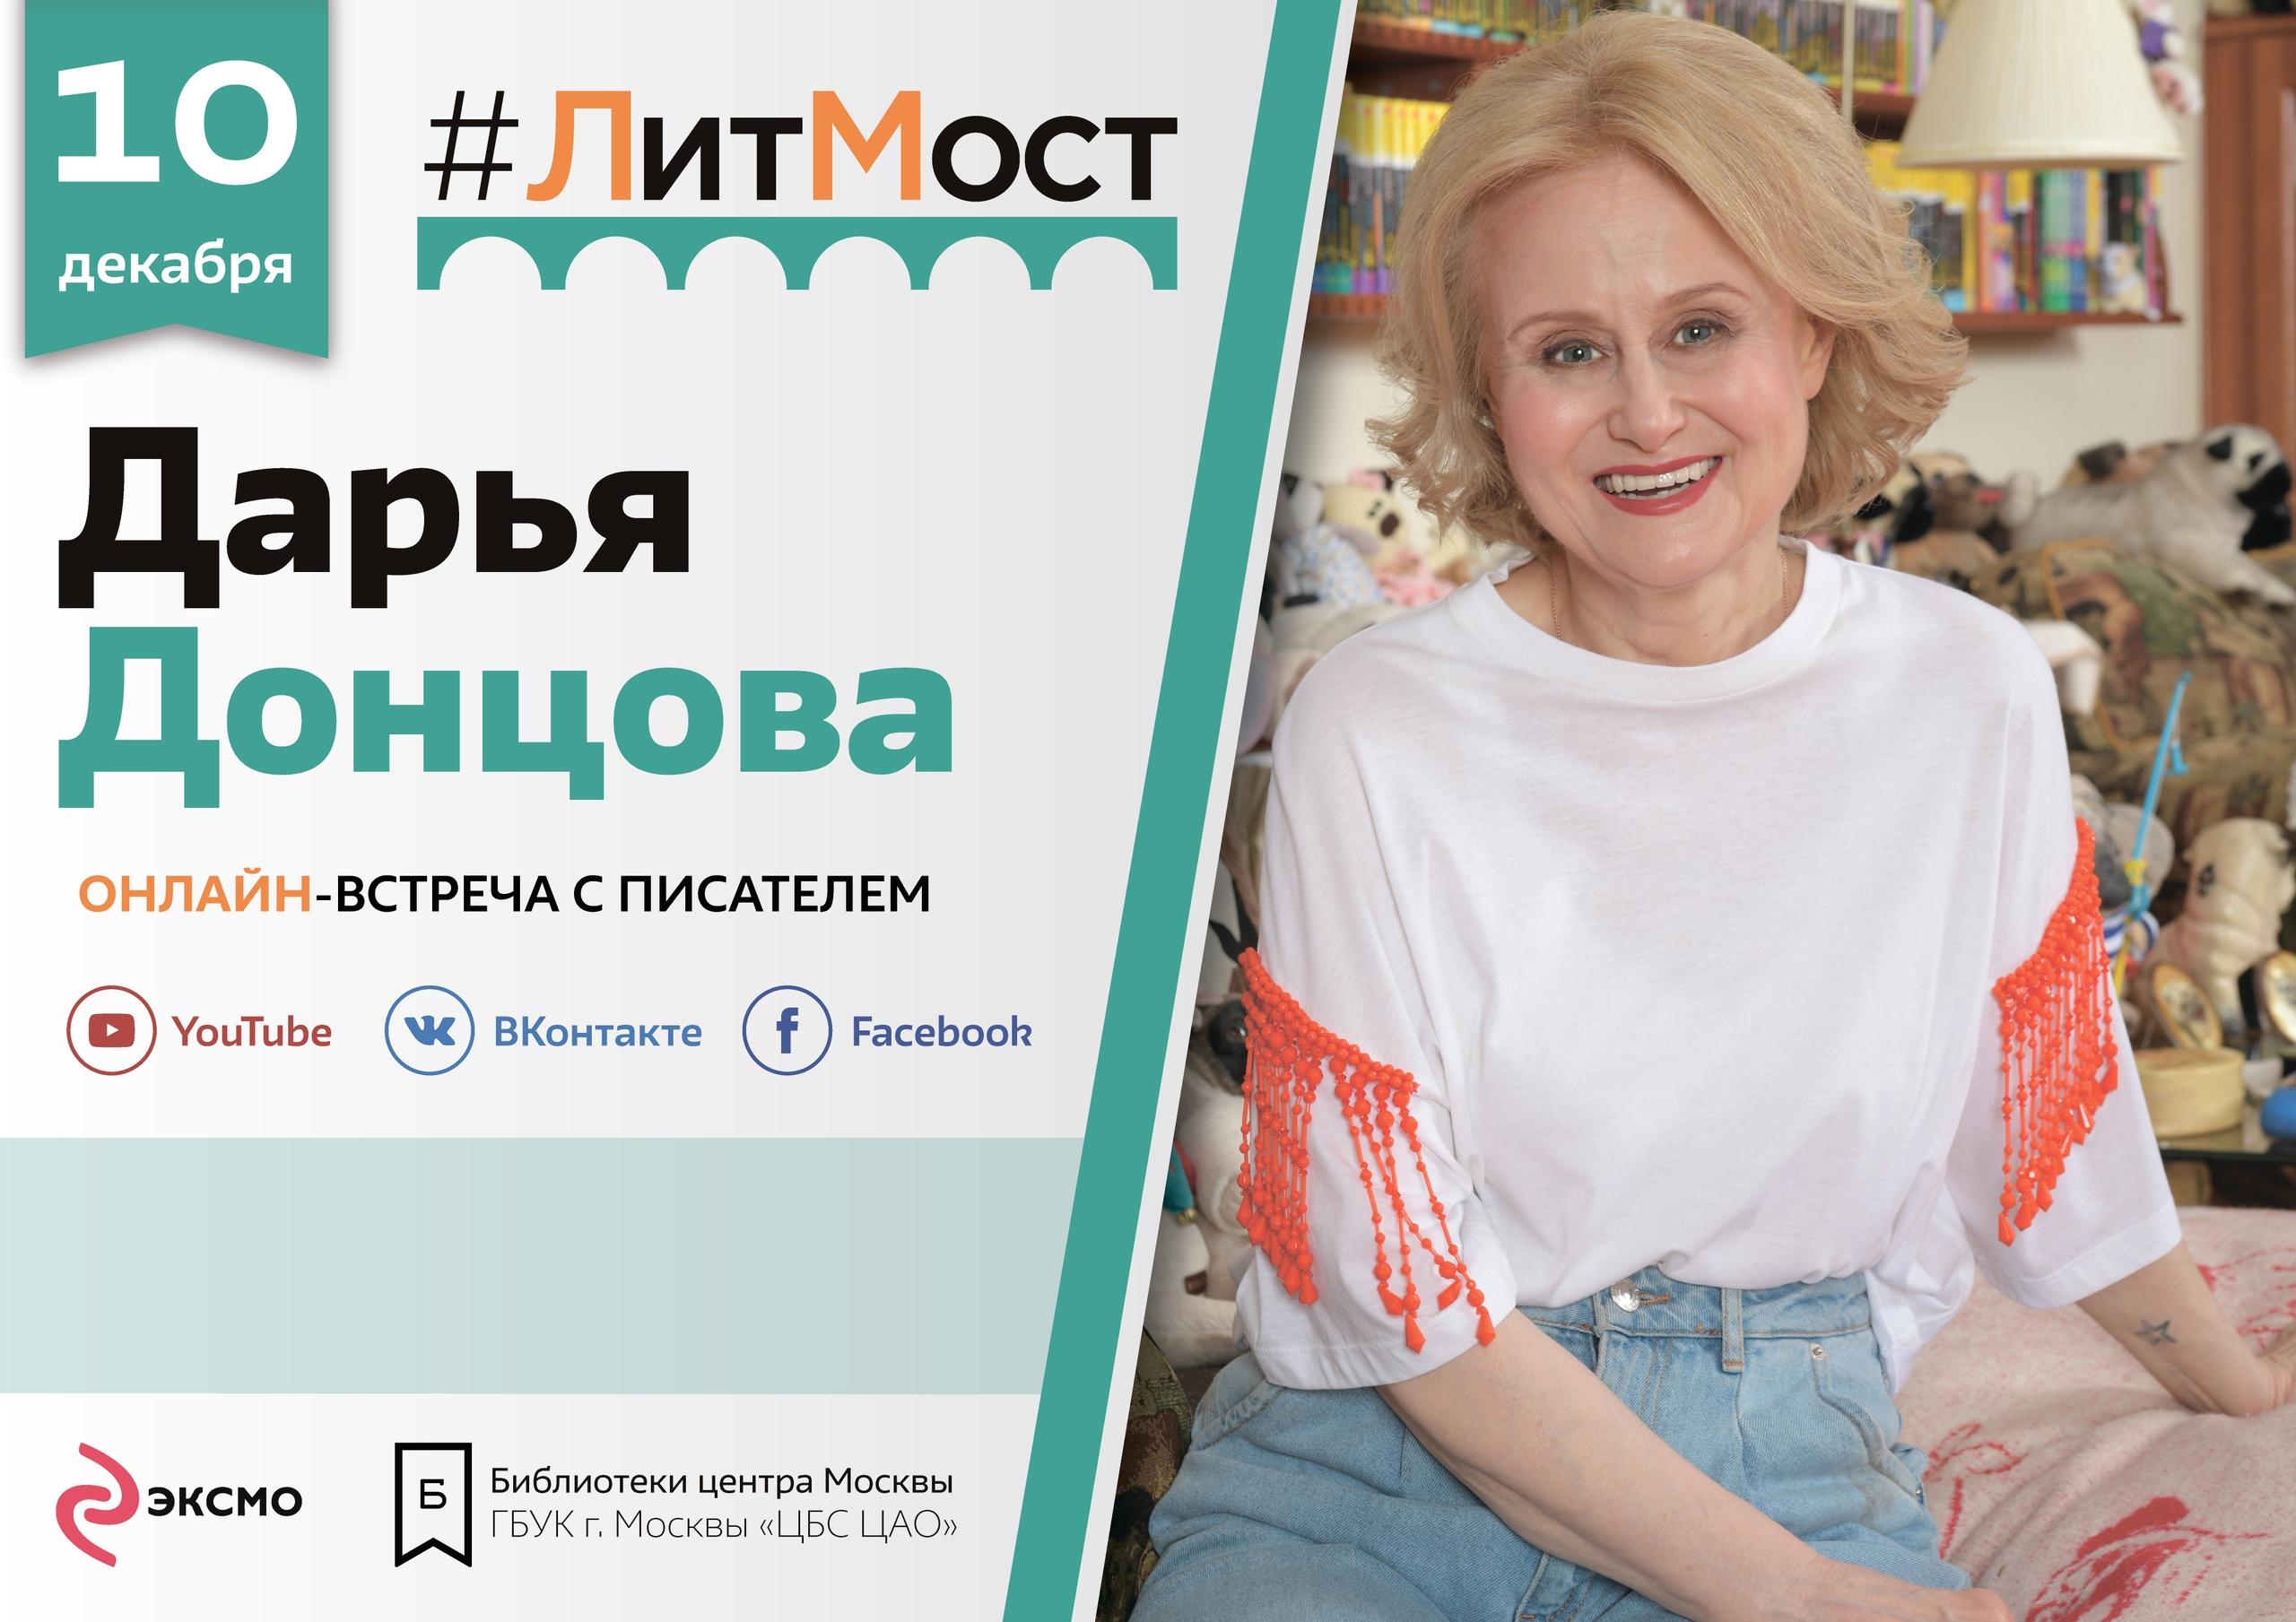 Литмост с Дарьей Донцовой курган афиша расписание